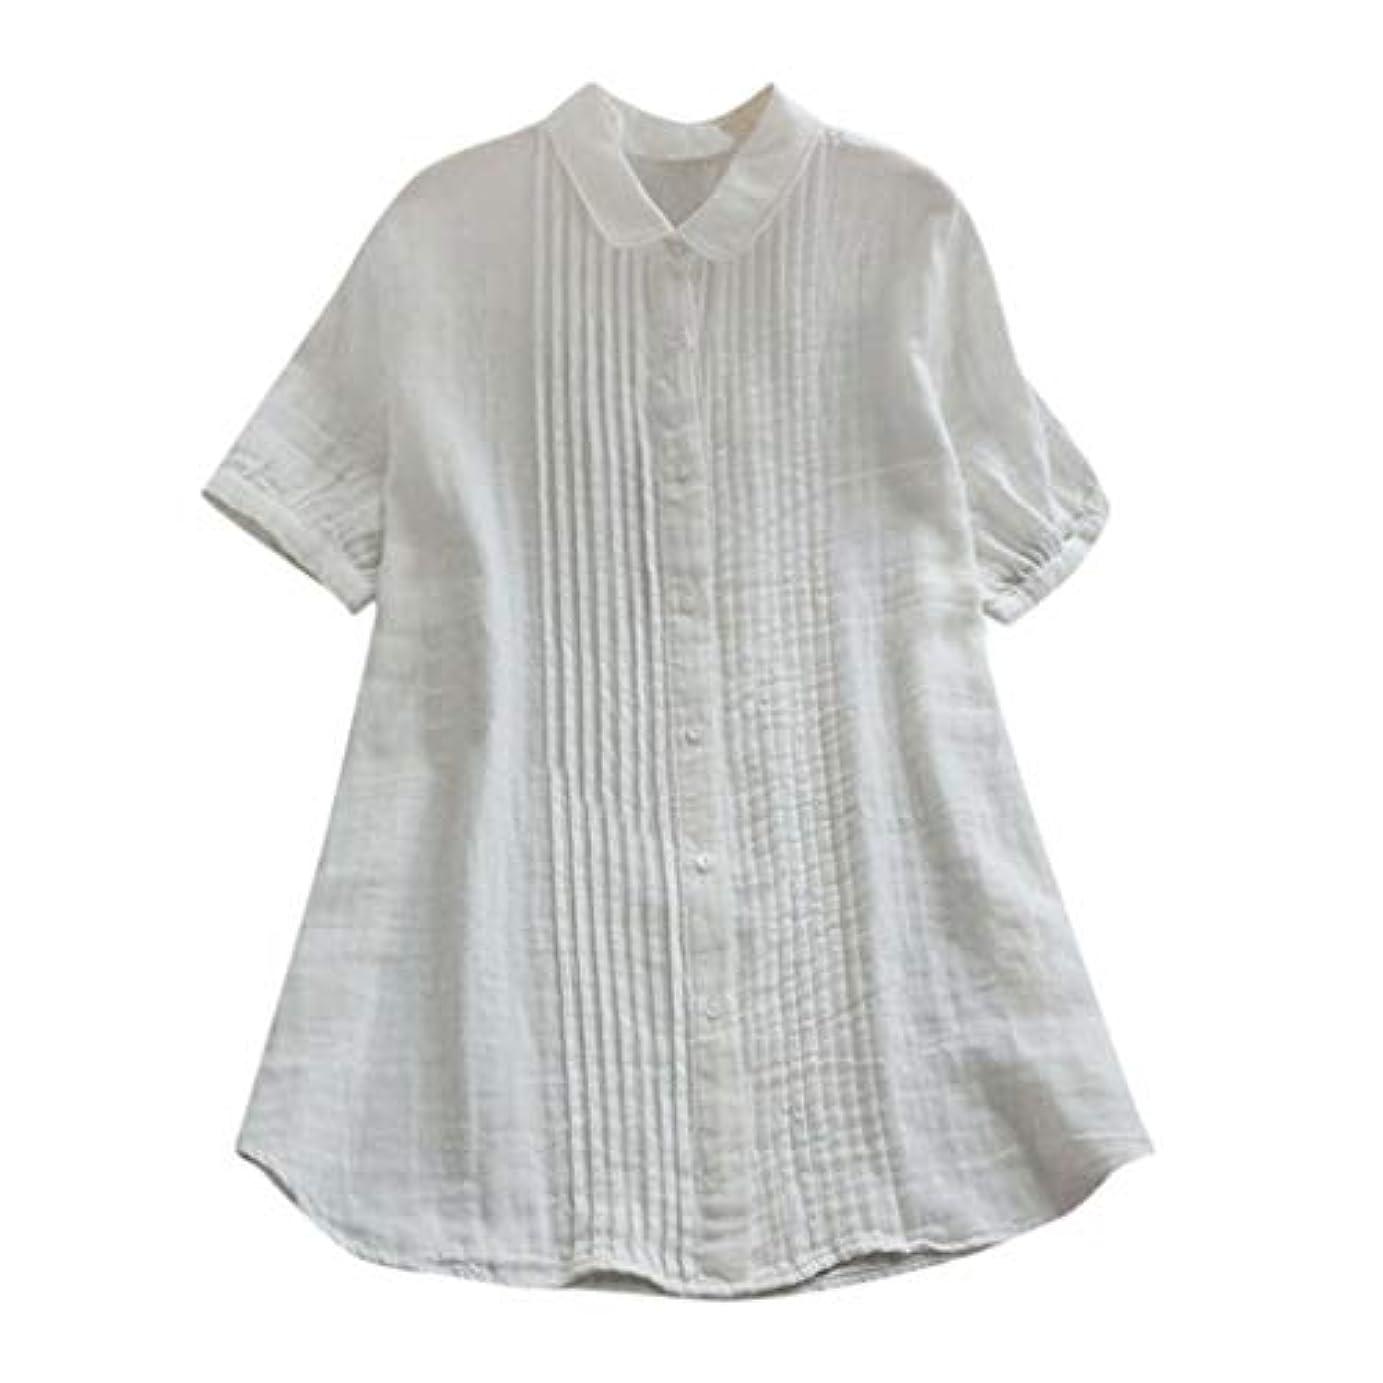 添付里親地中海女性の半袖Tシャツ - ピーターパンカラー夏緩い無地カジュアルダウントップスブラウス (白, L)